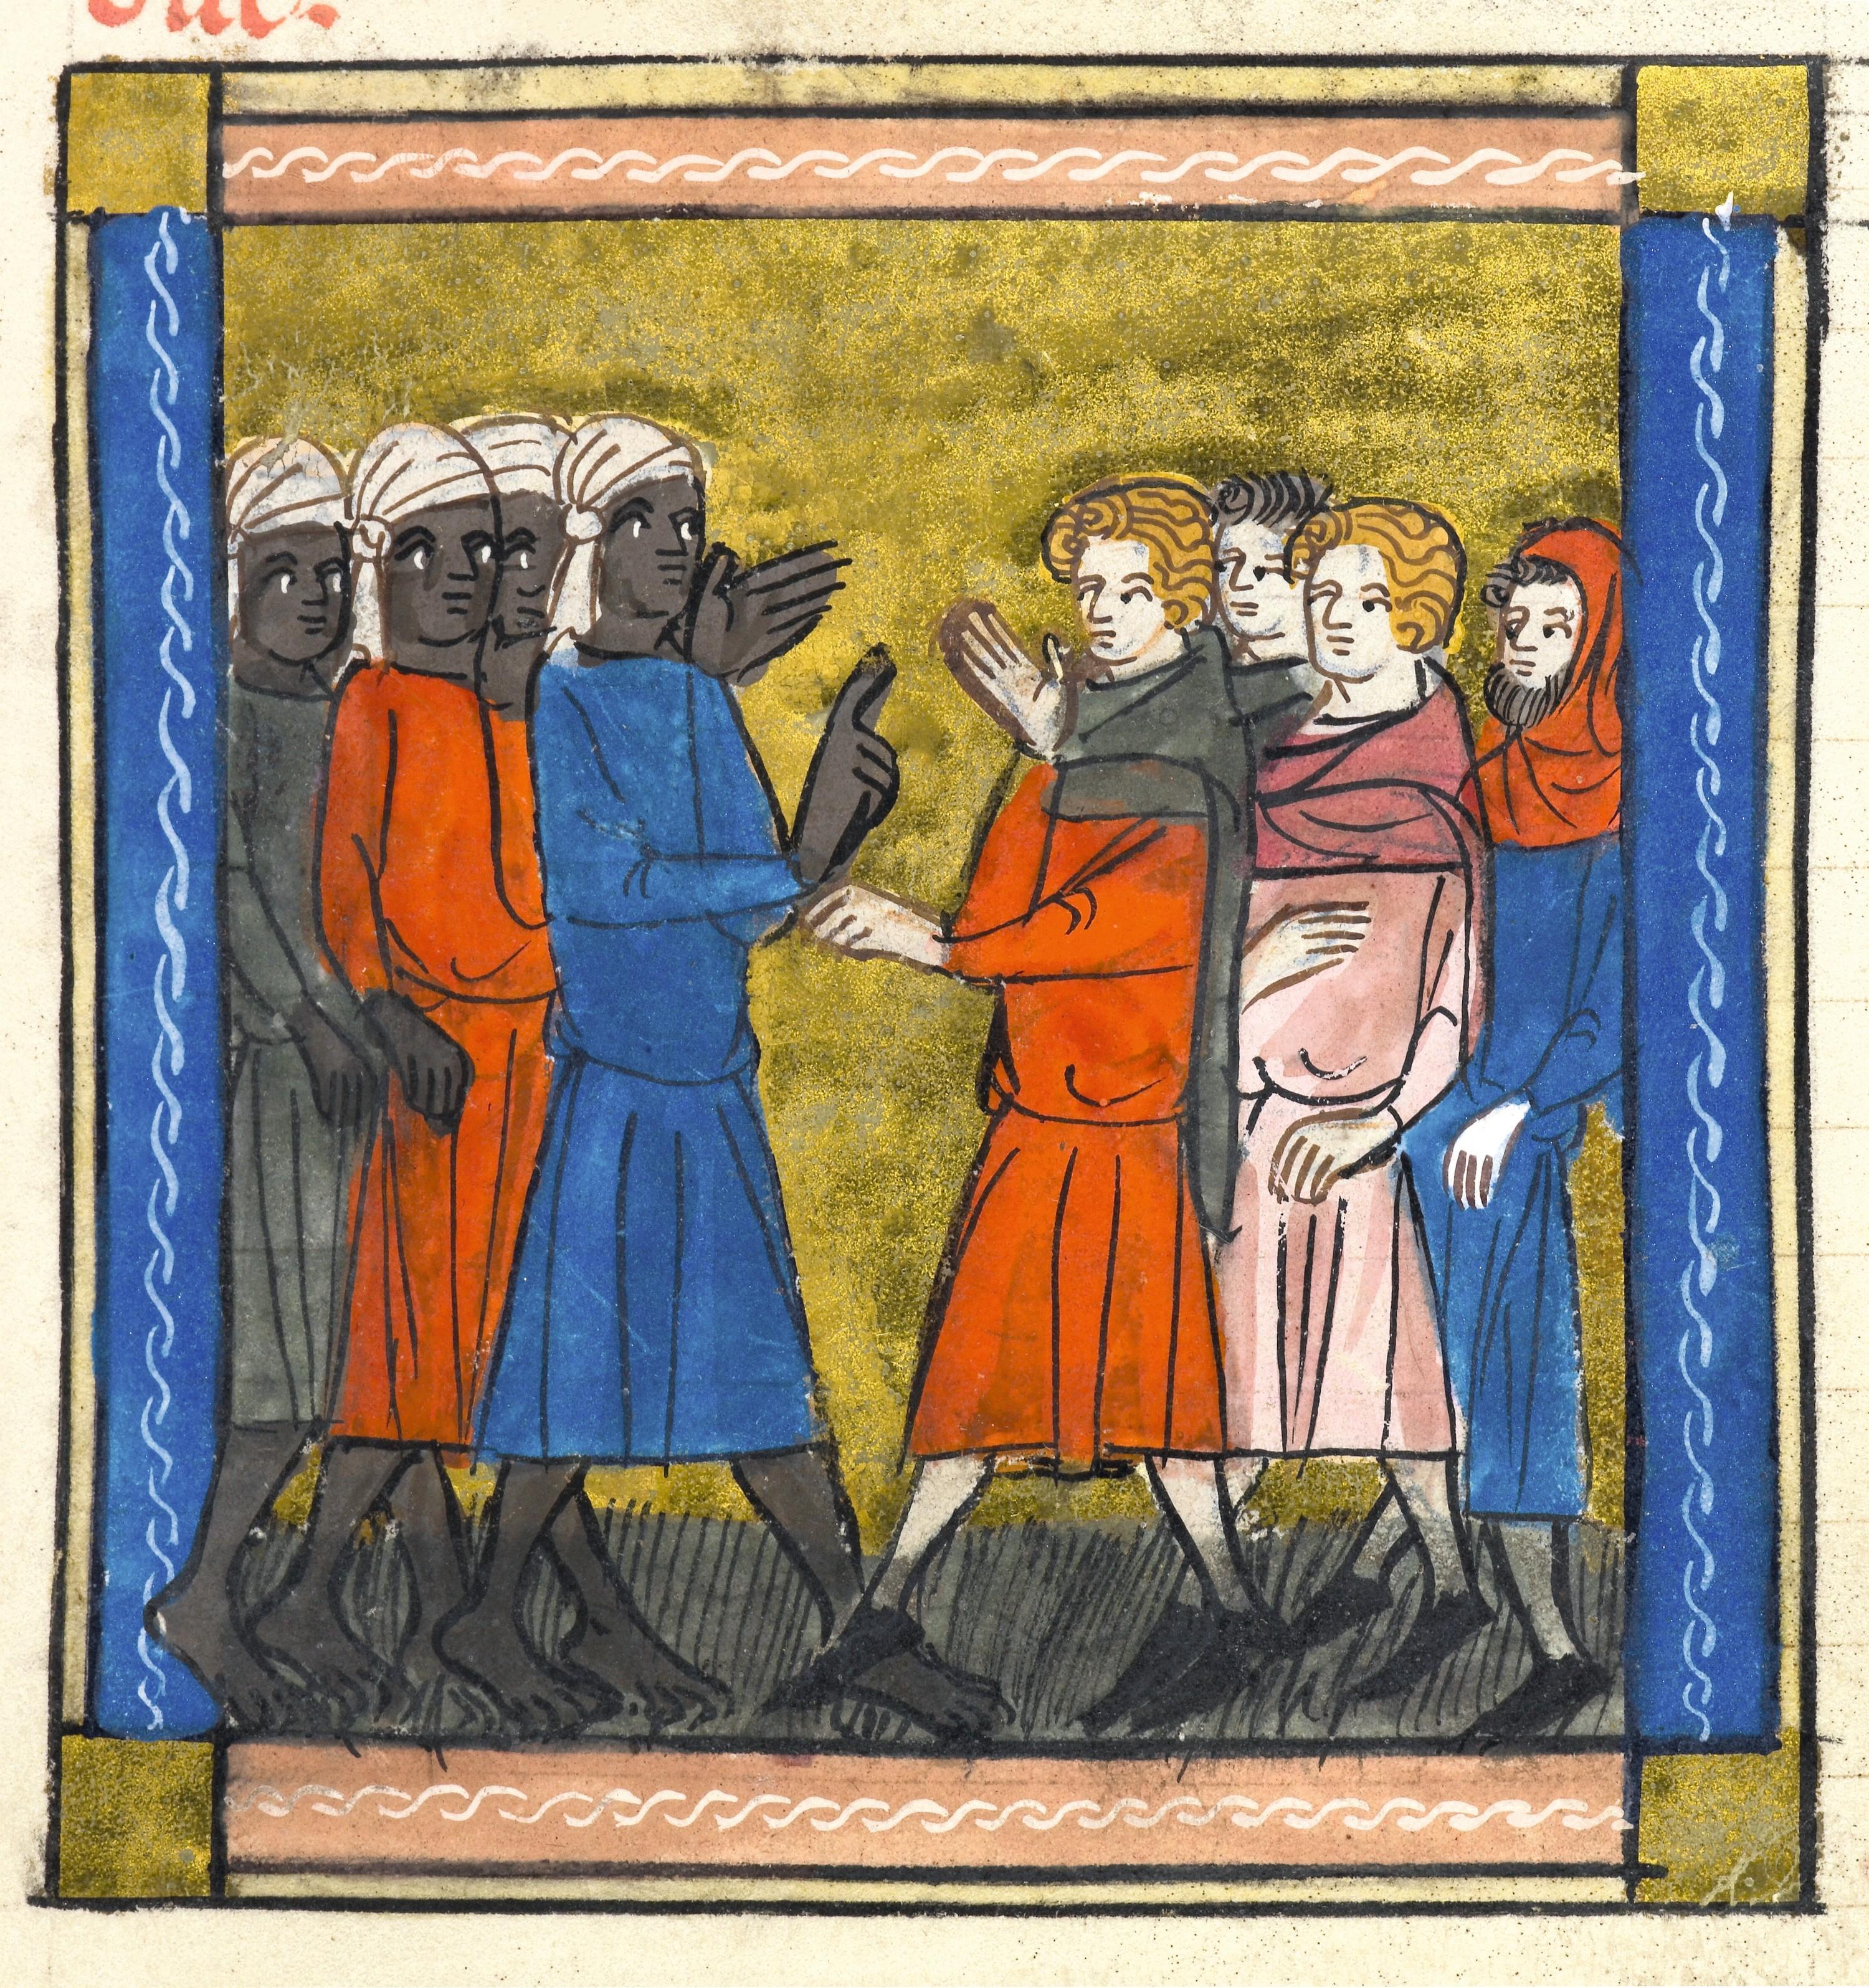 Sarrasins et chrétiens, enluminure dans un manuscrit du Roman d'Alexandre, v. 1340, British Library, Londres